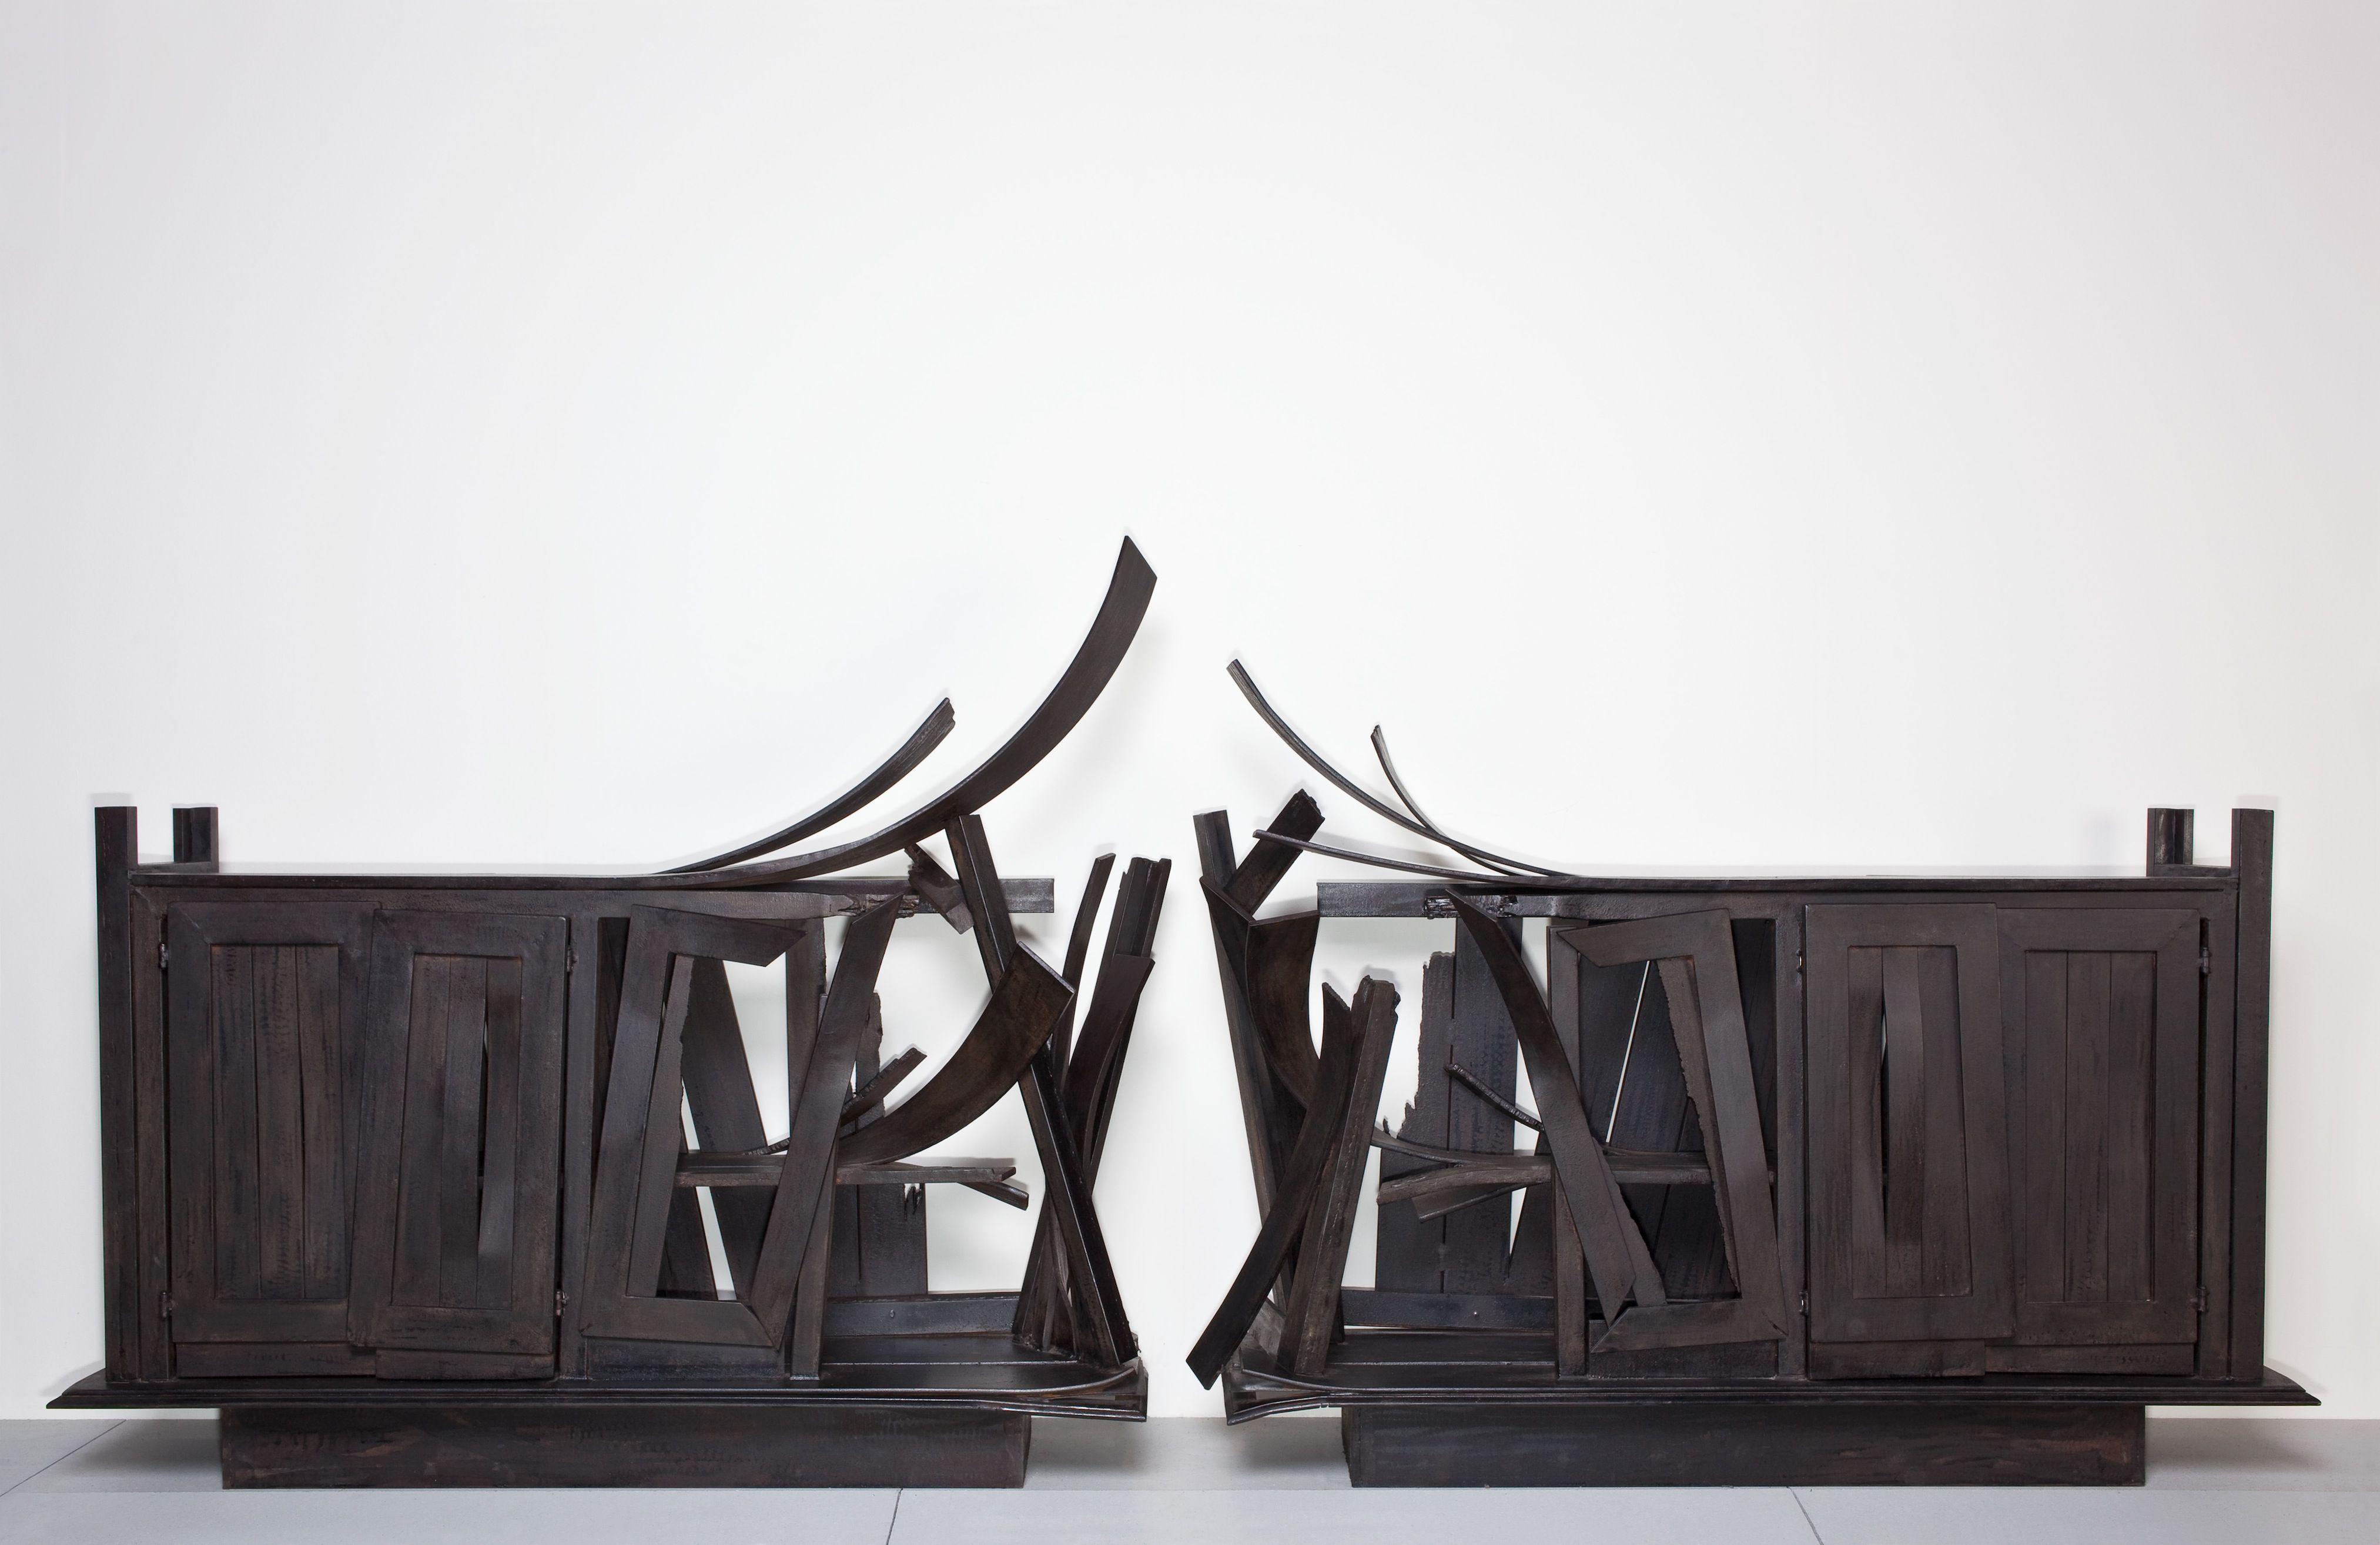 Vincent Dubourg, Double Buffet Nouvelle Zelande. Steel, 2010